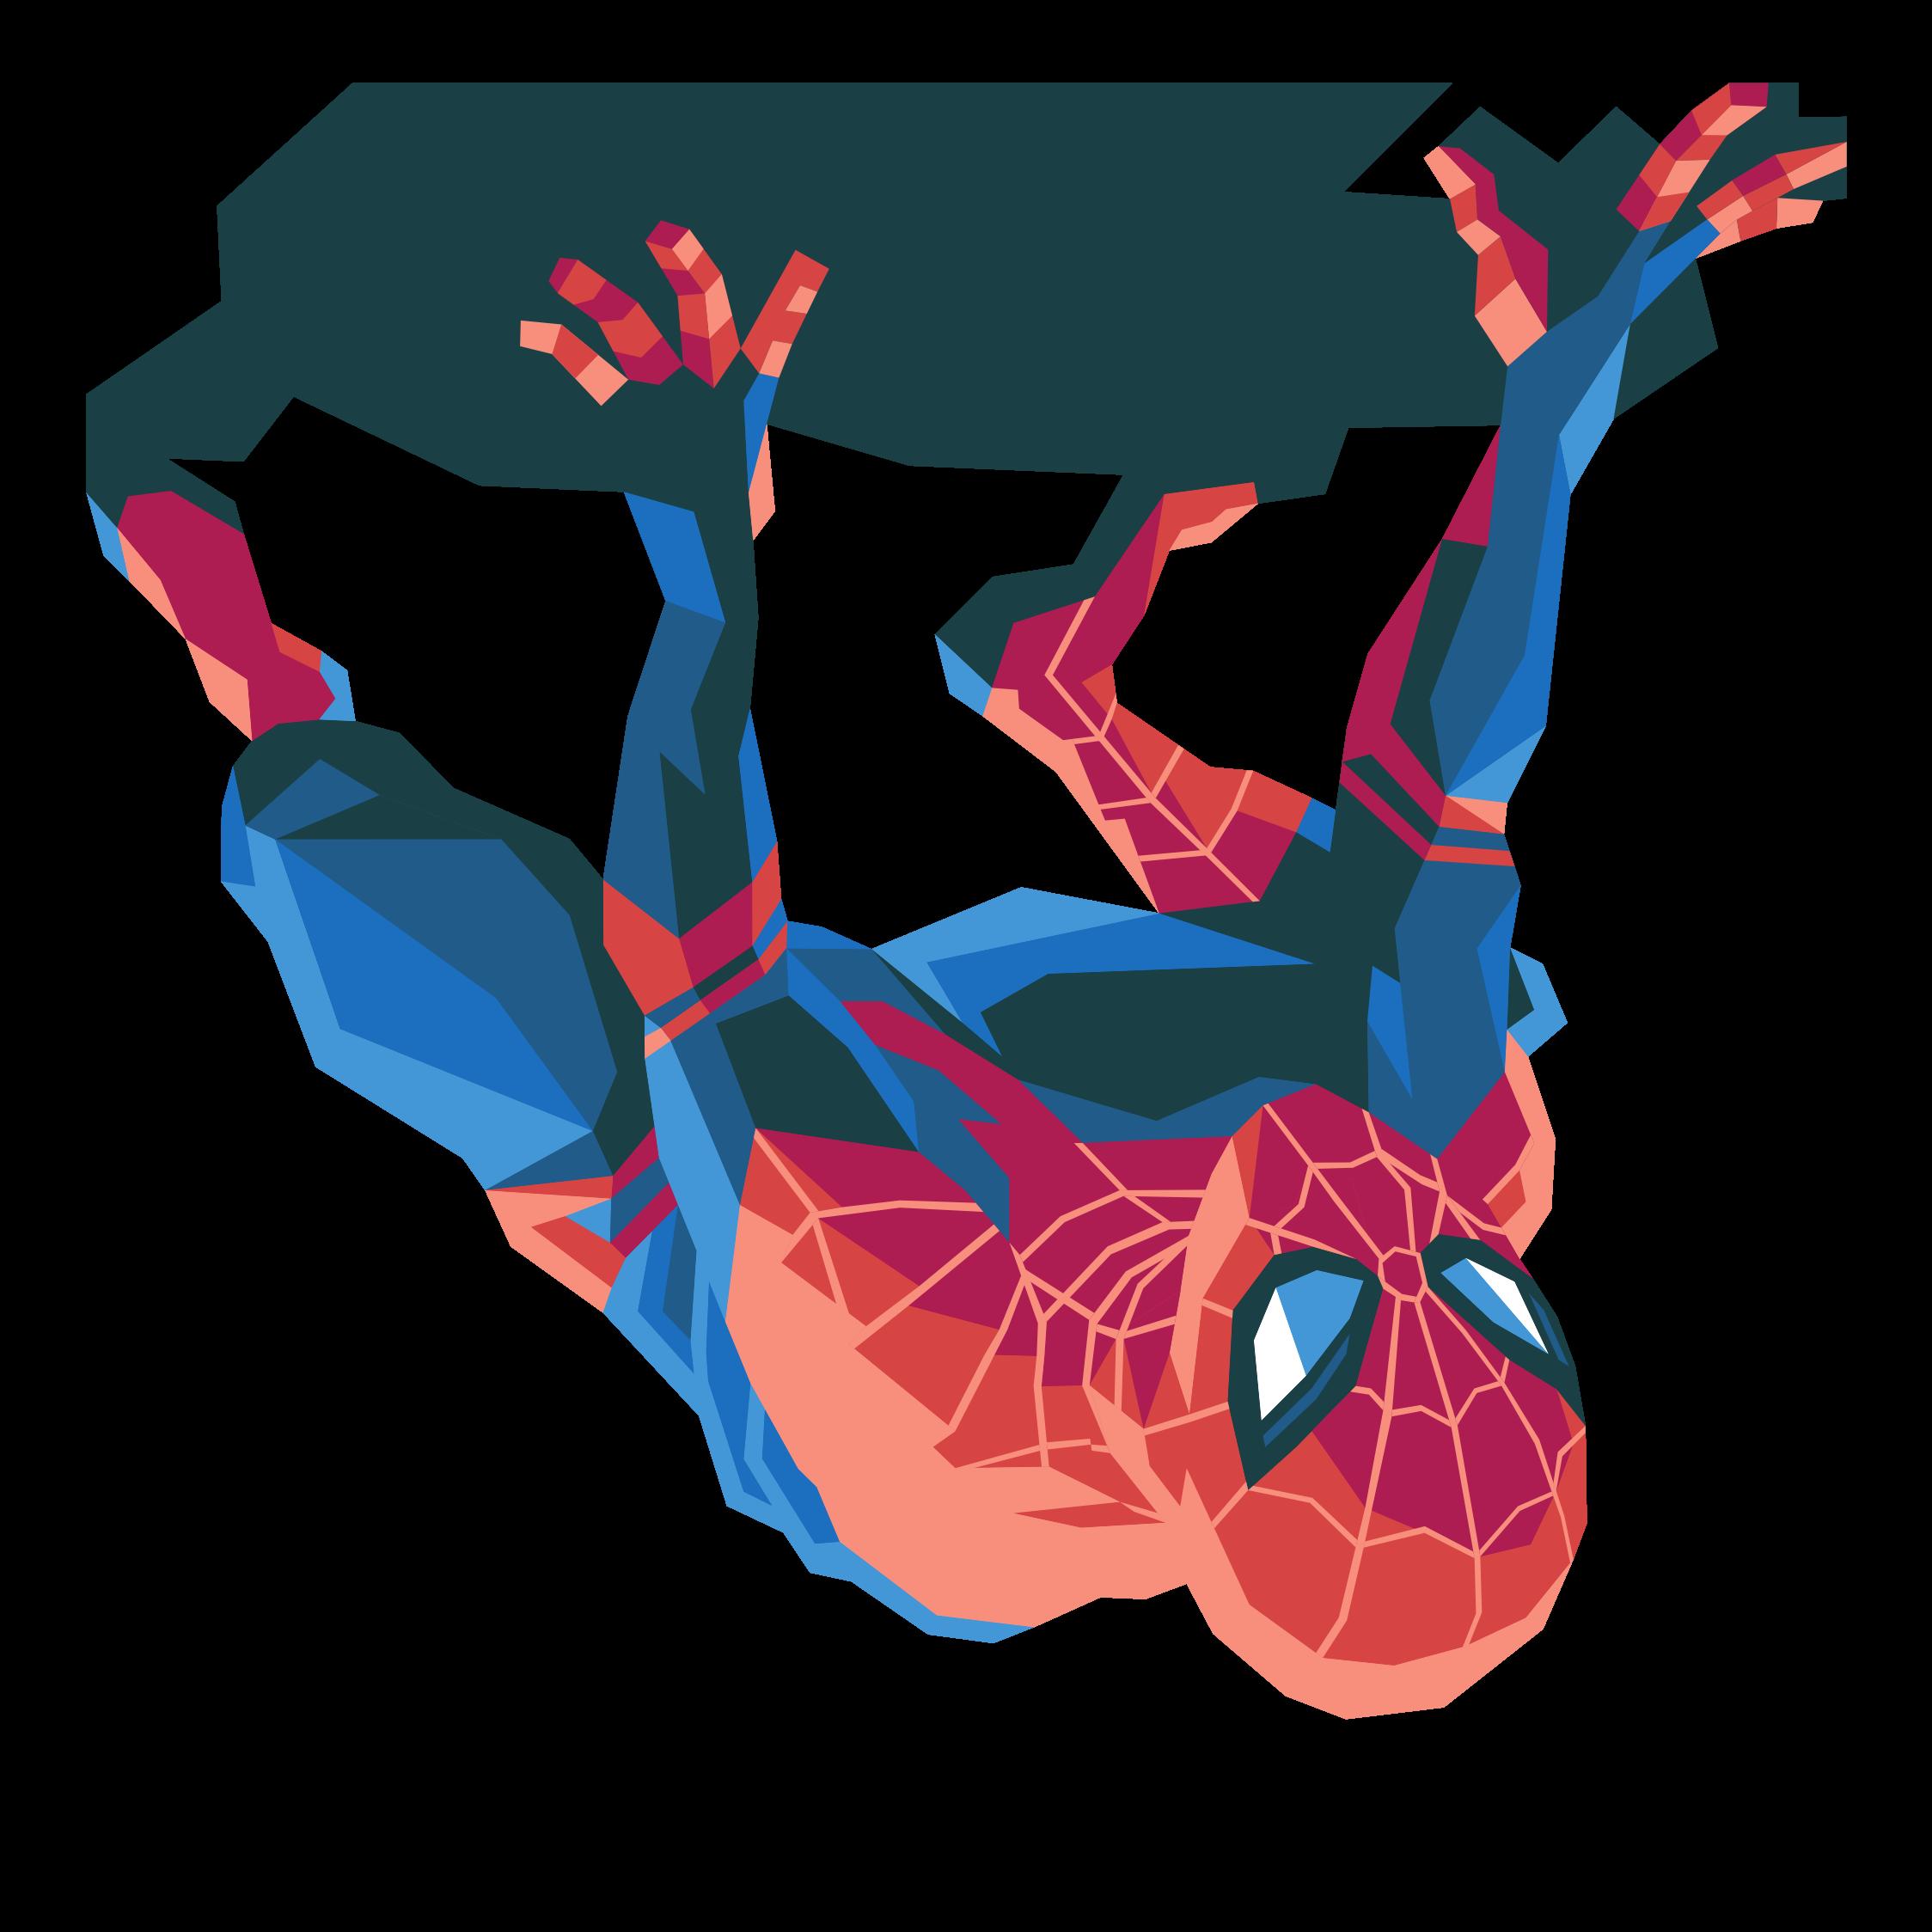 Spider Man designed by Liam Brazier in Vectornator